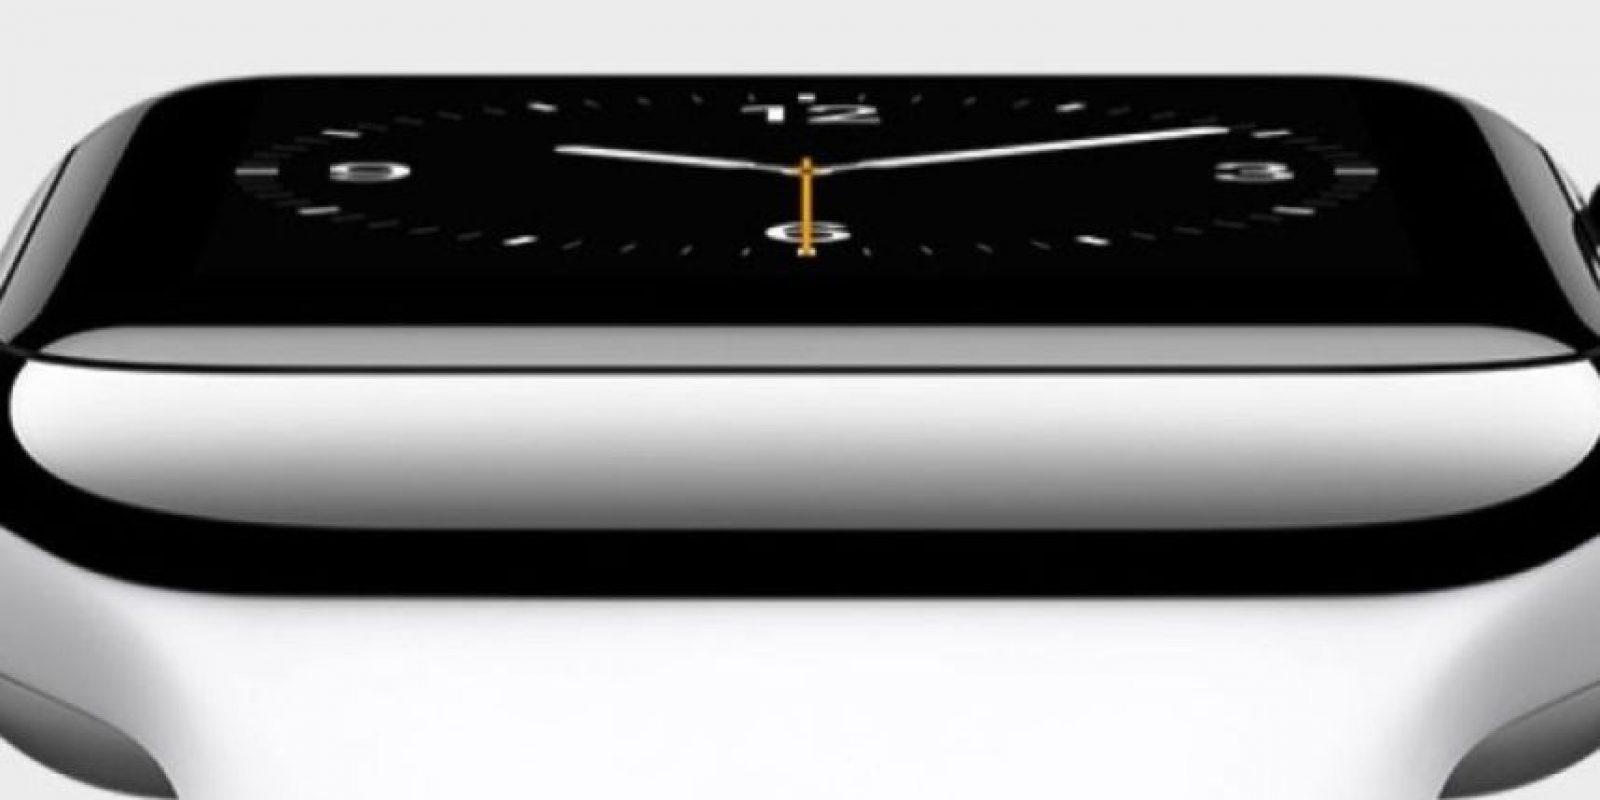 El paquete de la batería de 205mAh cuesta 0.80 dólares. Foto:Apple